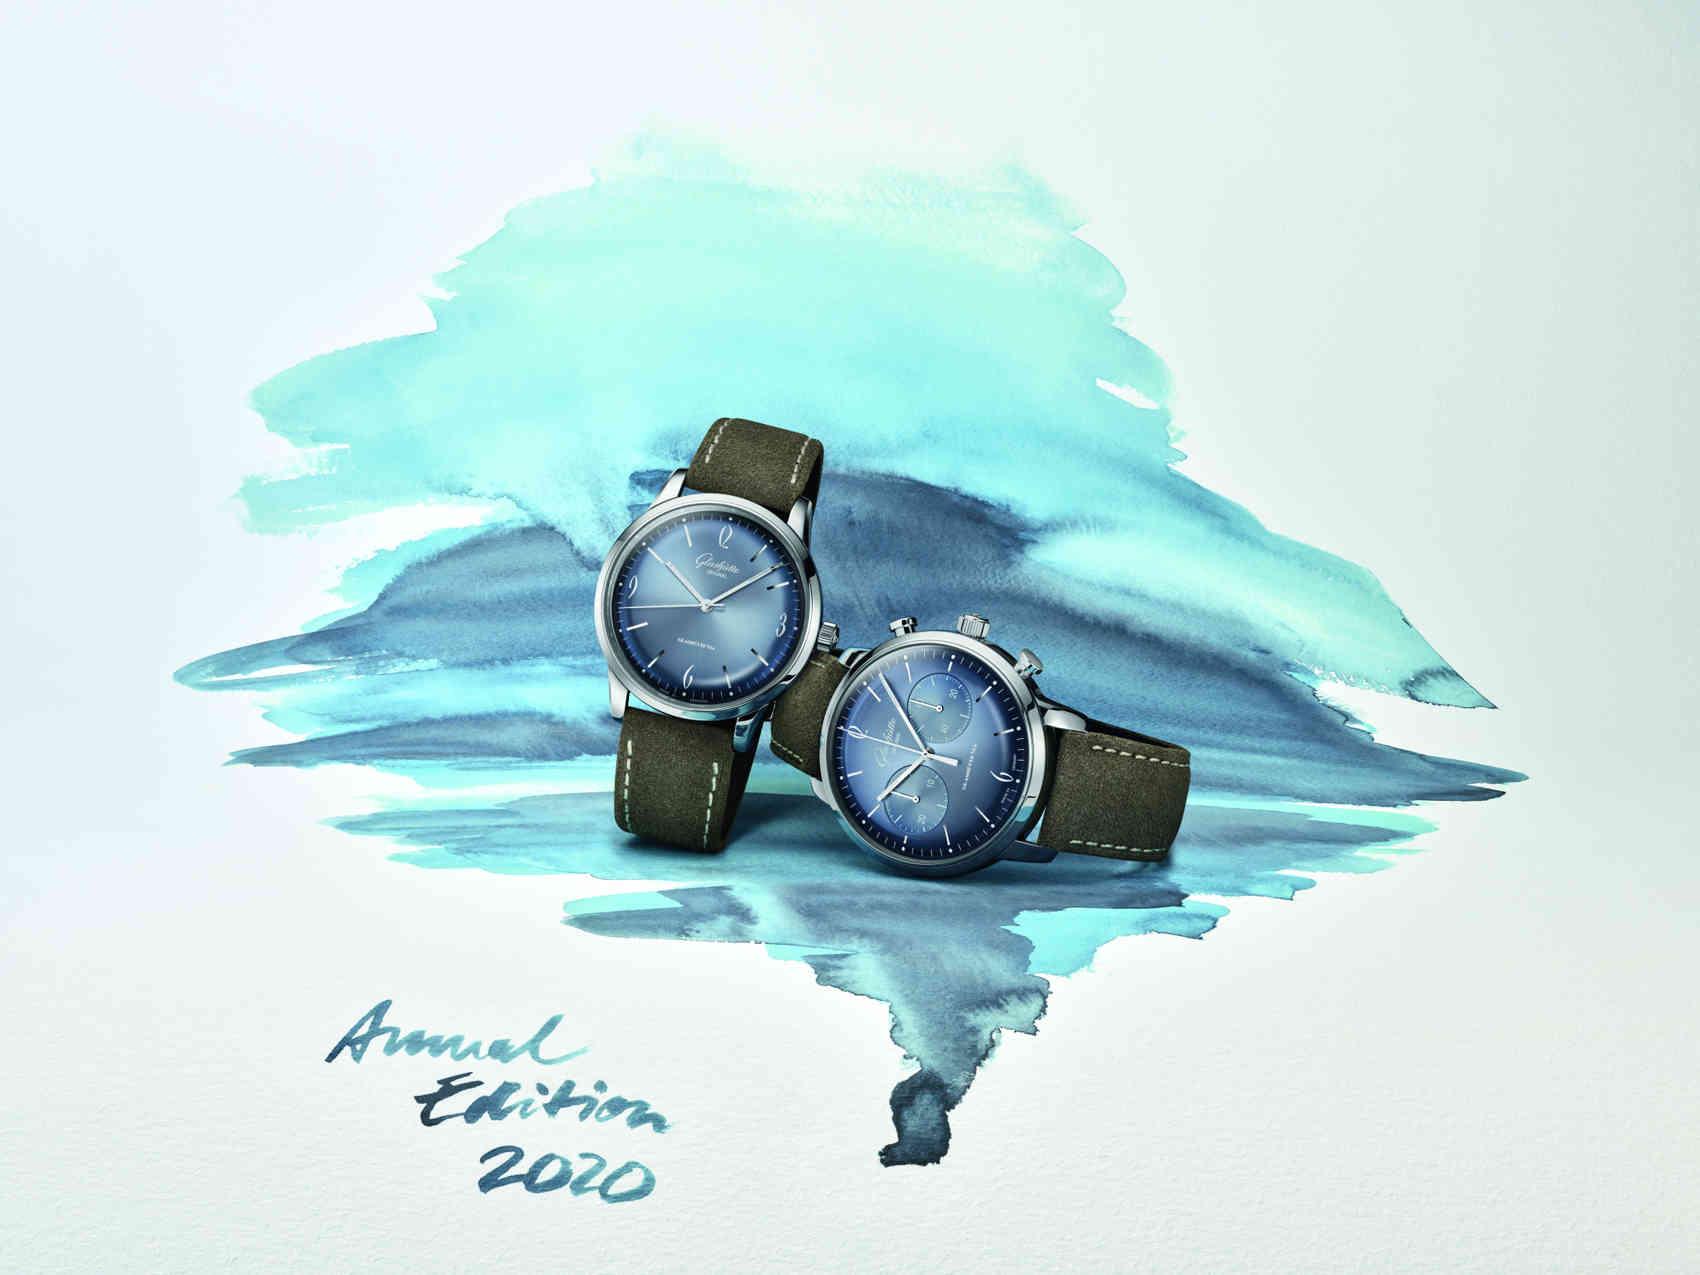 Sixties y Sixties Chronograph Edición Anual portada